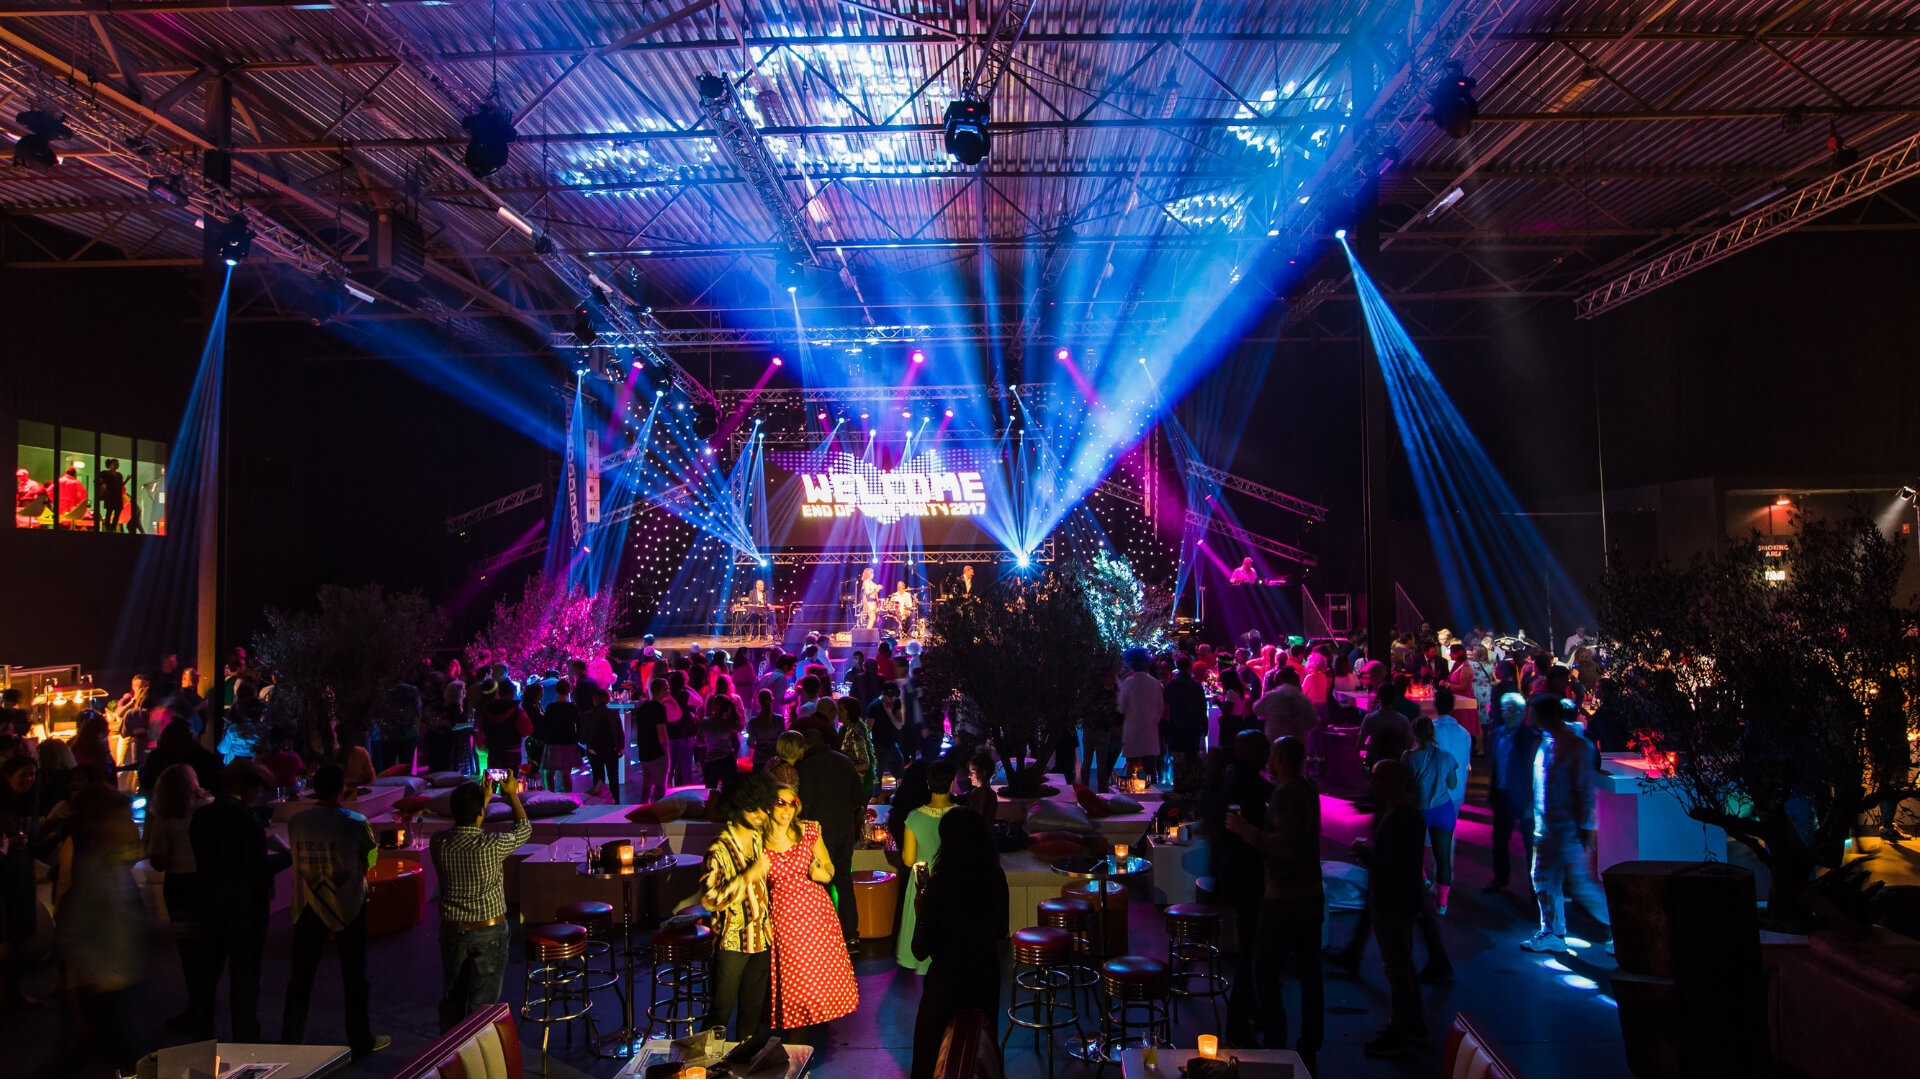 Bedrijfsfeest organiseren, themafeest, Back to the Futureparty